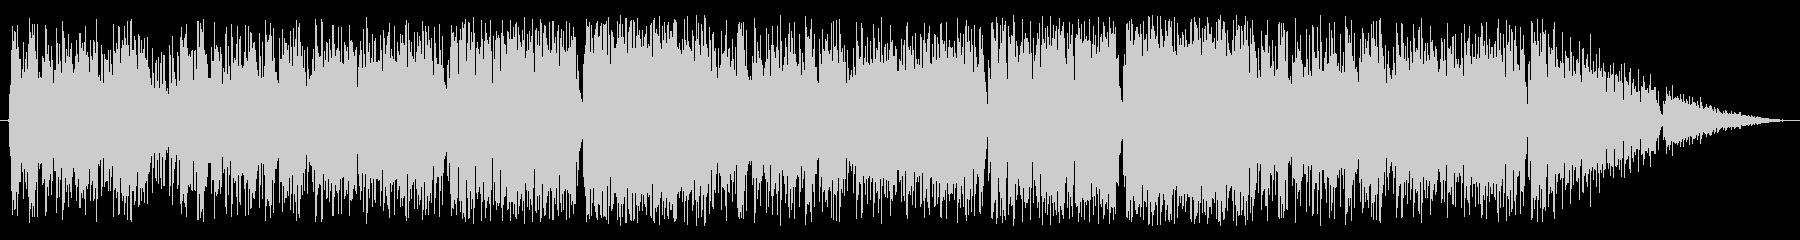 ケルト調の戦闘曲の未再生の波形